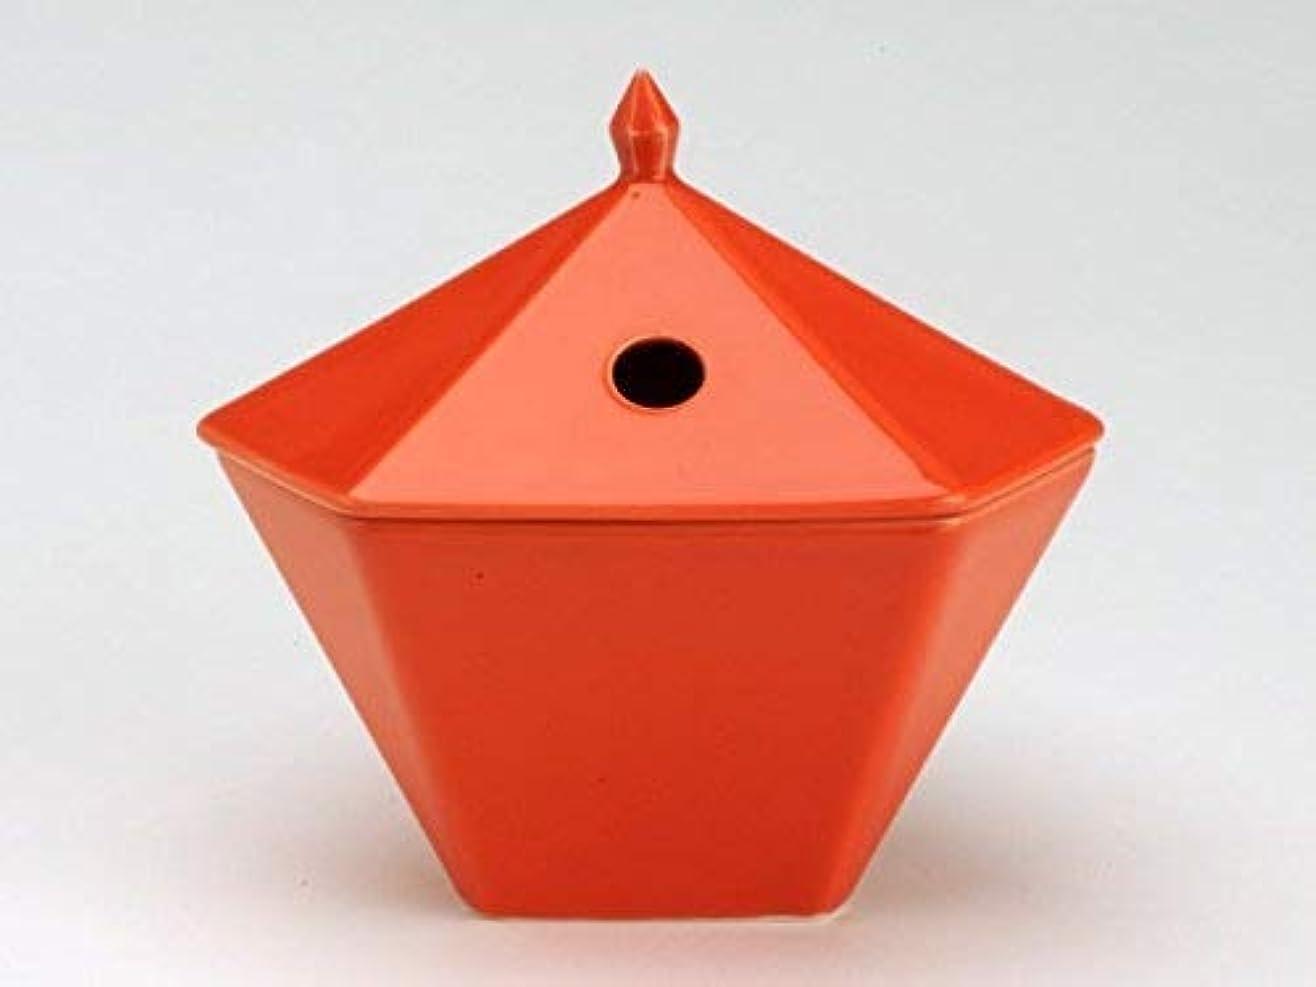 閃光シールド識字縁香炉 橙